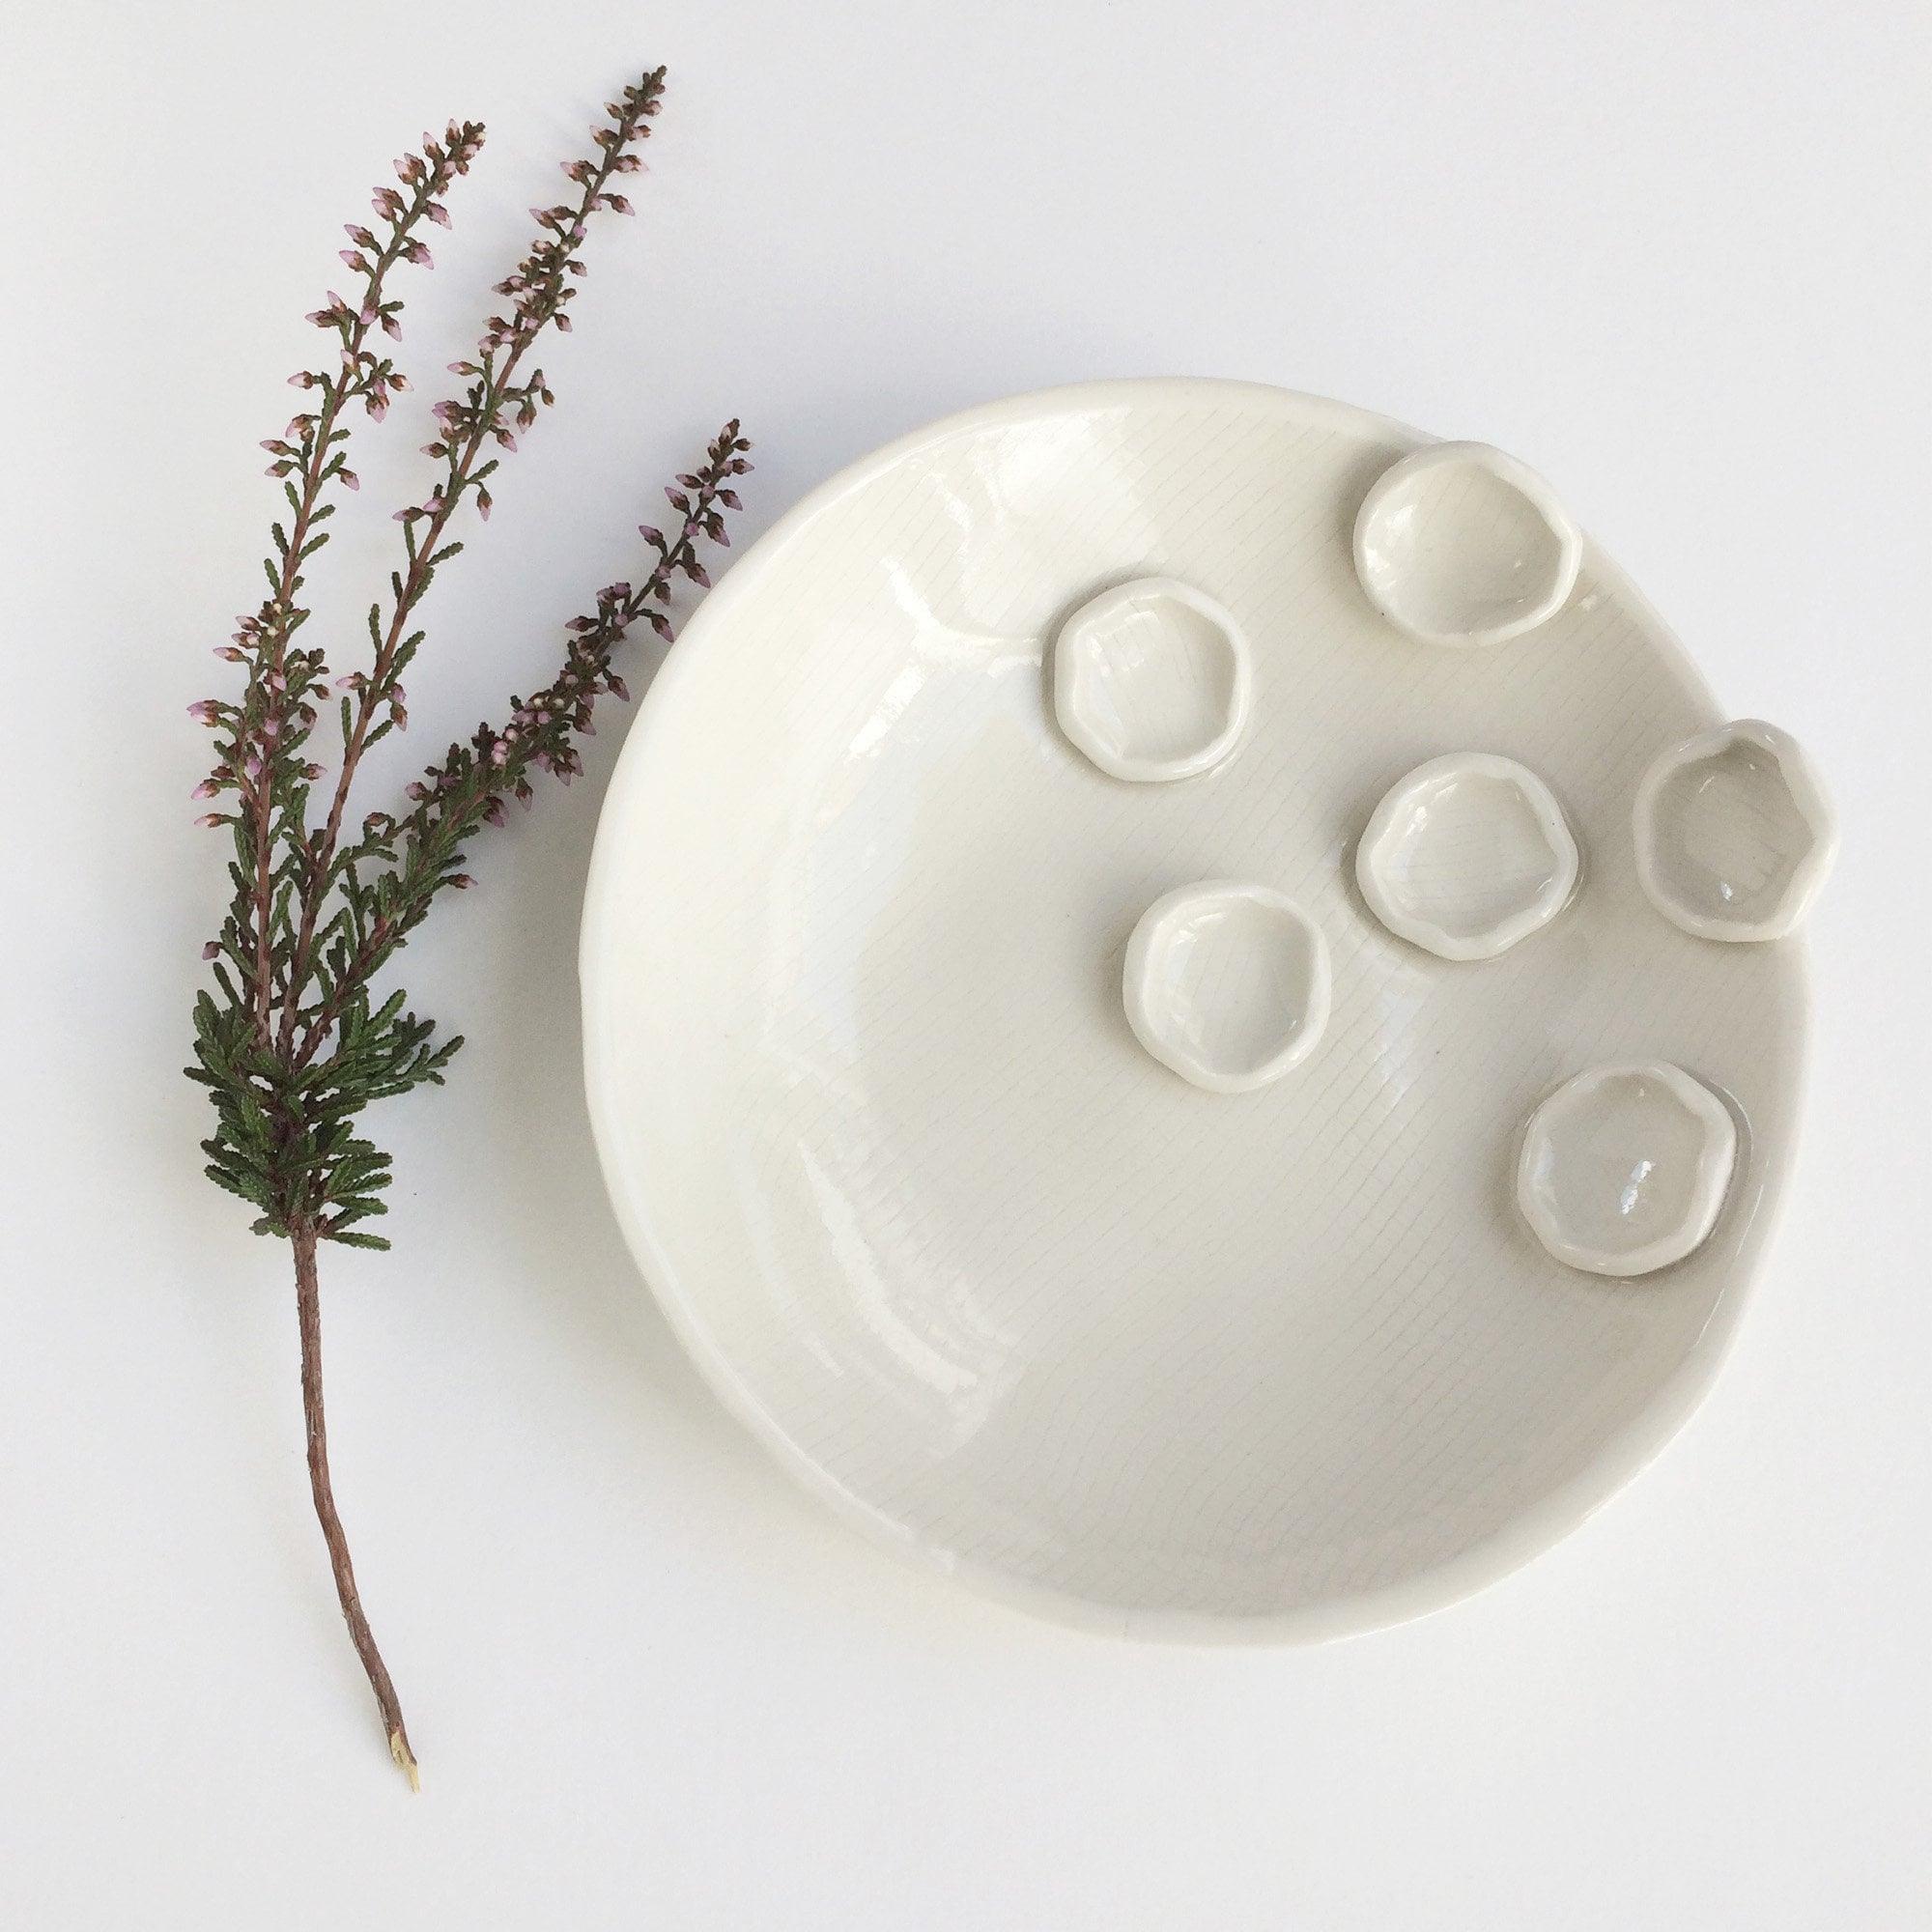 Modern Decorative Ceramic Bowl Cozy Home Decor